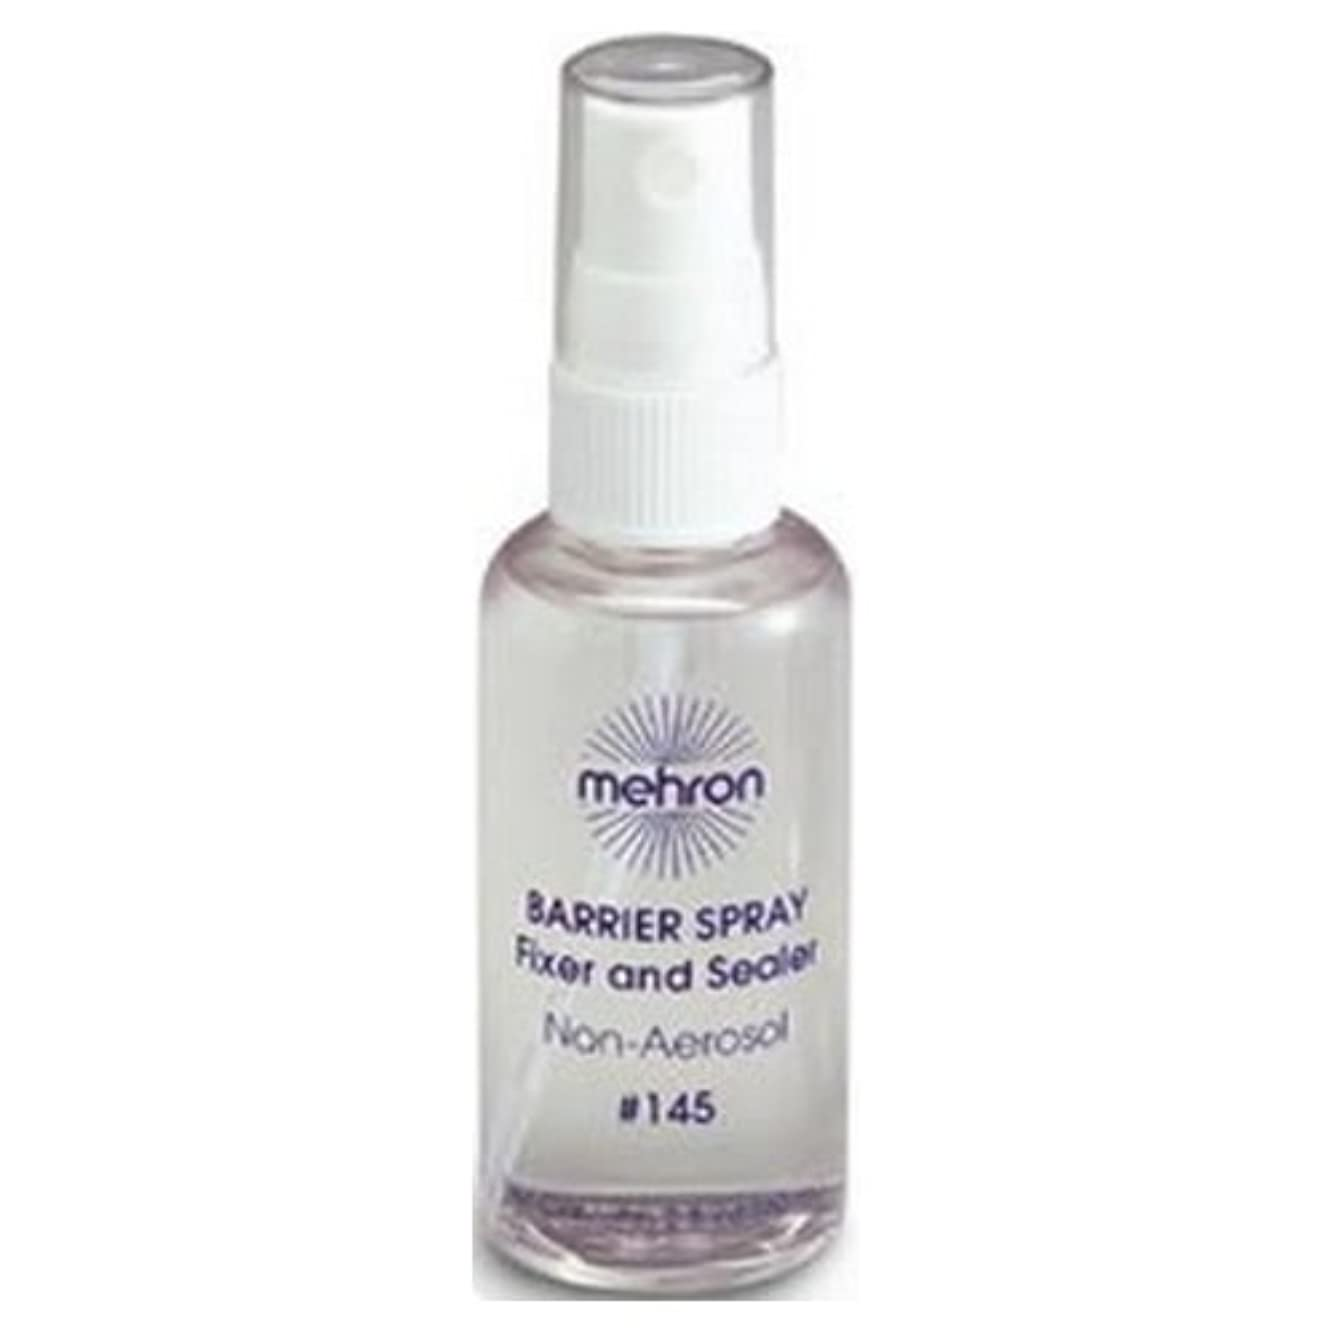 間違いなく荒れ地運賃(6 Pack) mehron Barrier Spray Fixer and Sealer - Clear (並行輸入品)